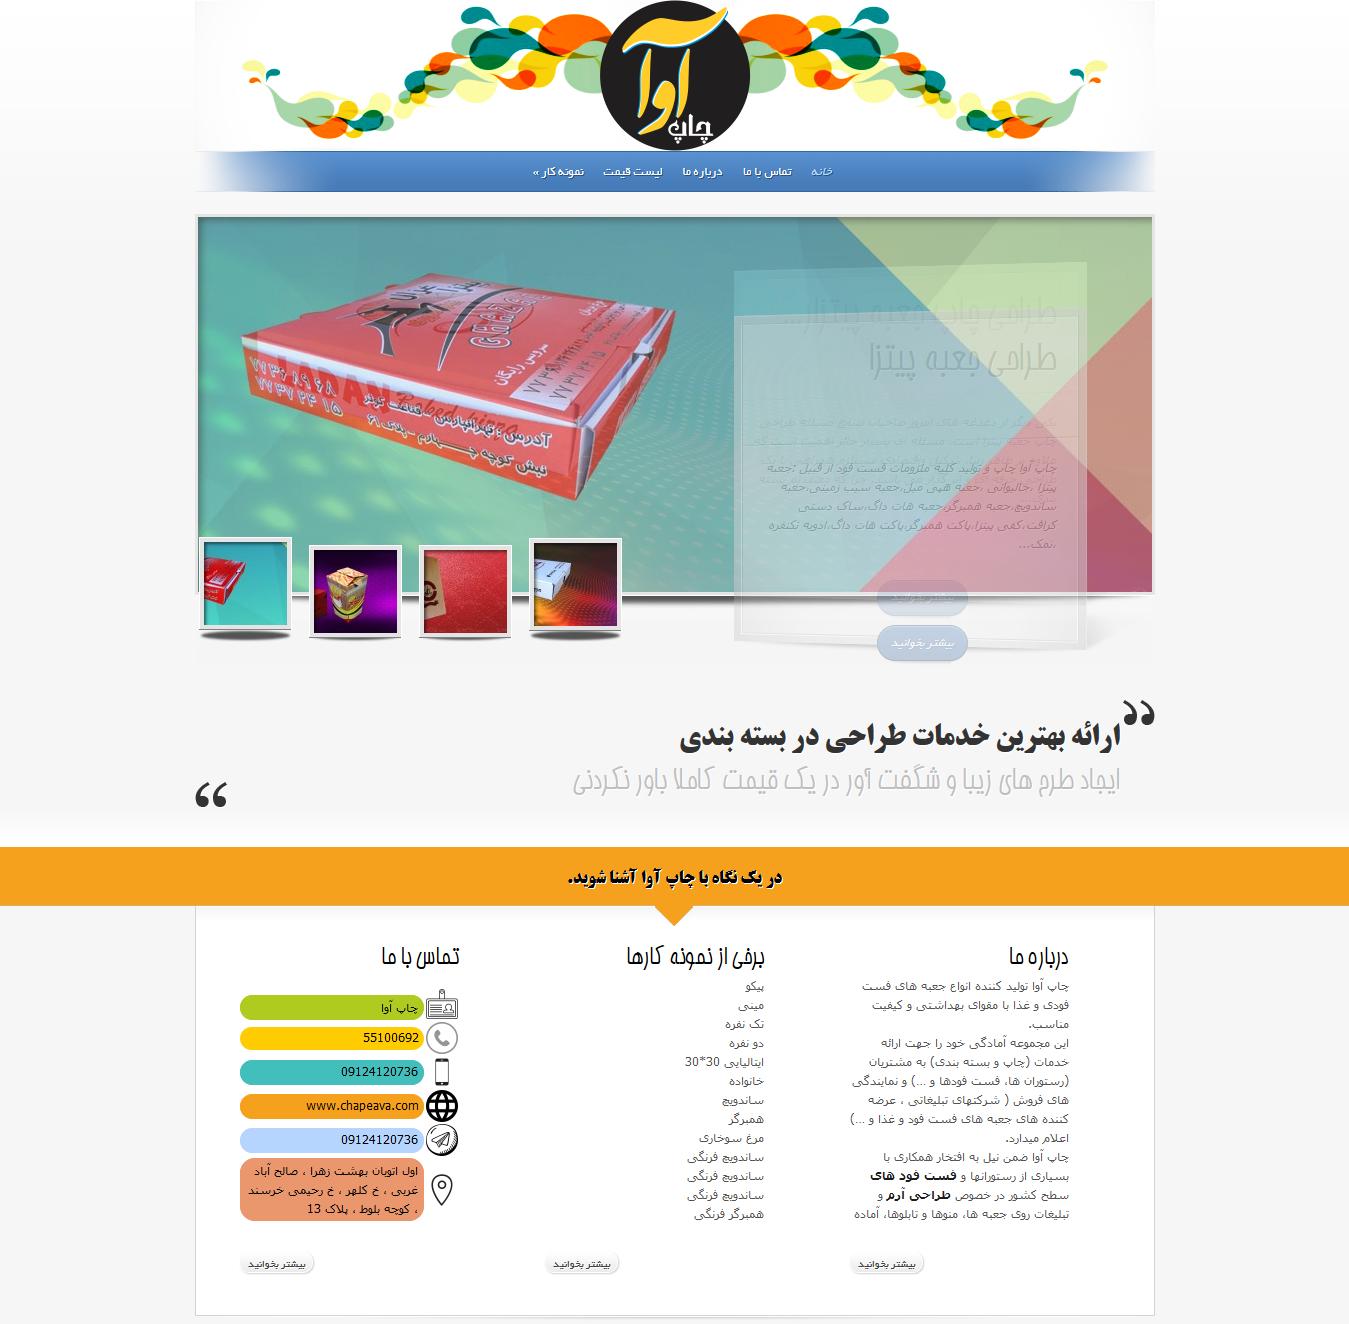 نمونه سایت طراحی جعبه بسته بندی طراحی و چاپ جعبه فست فود